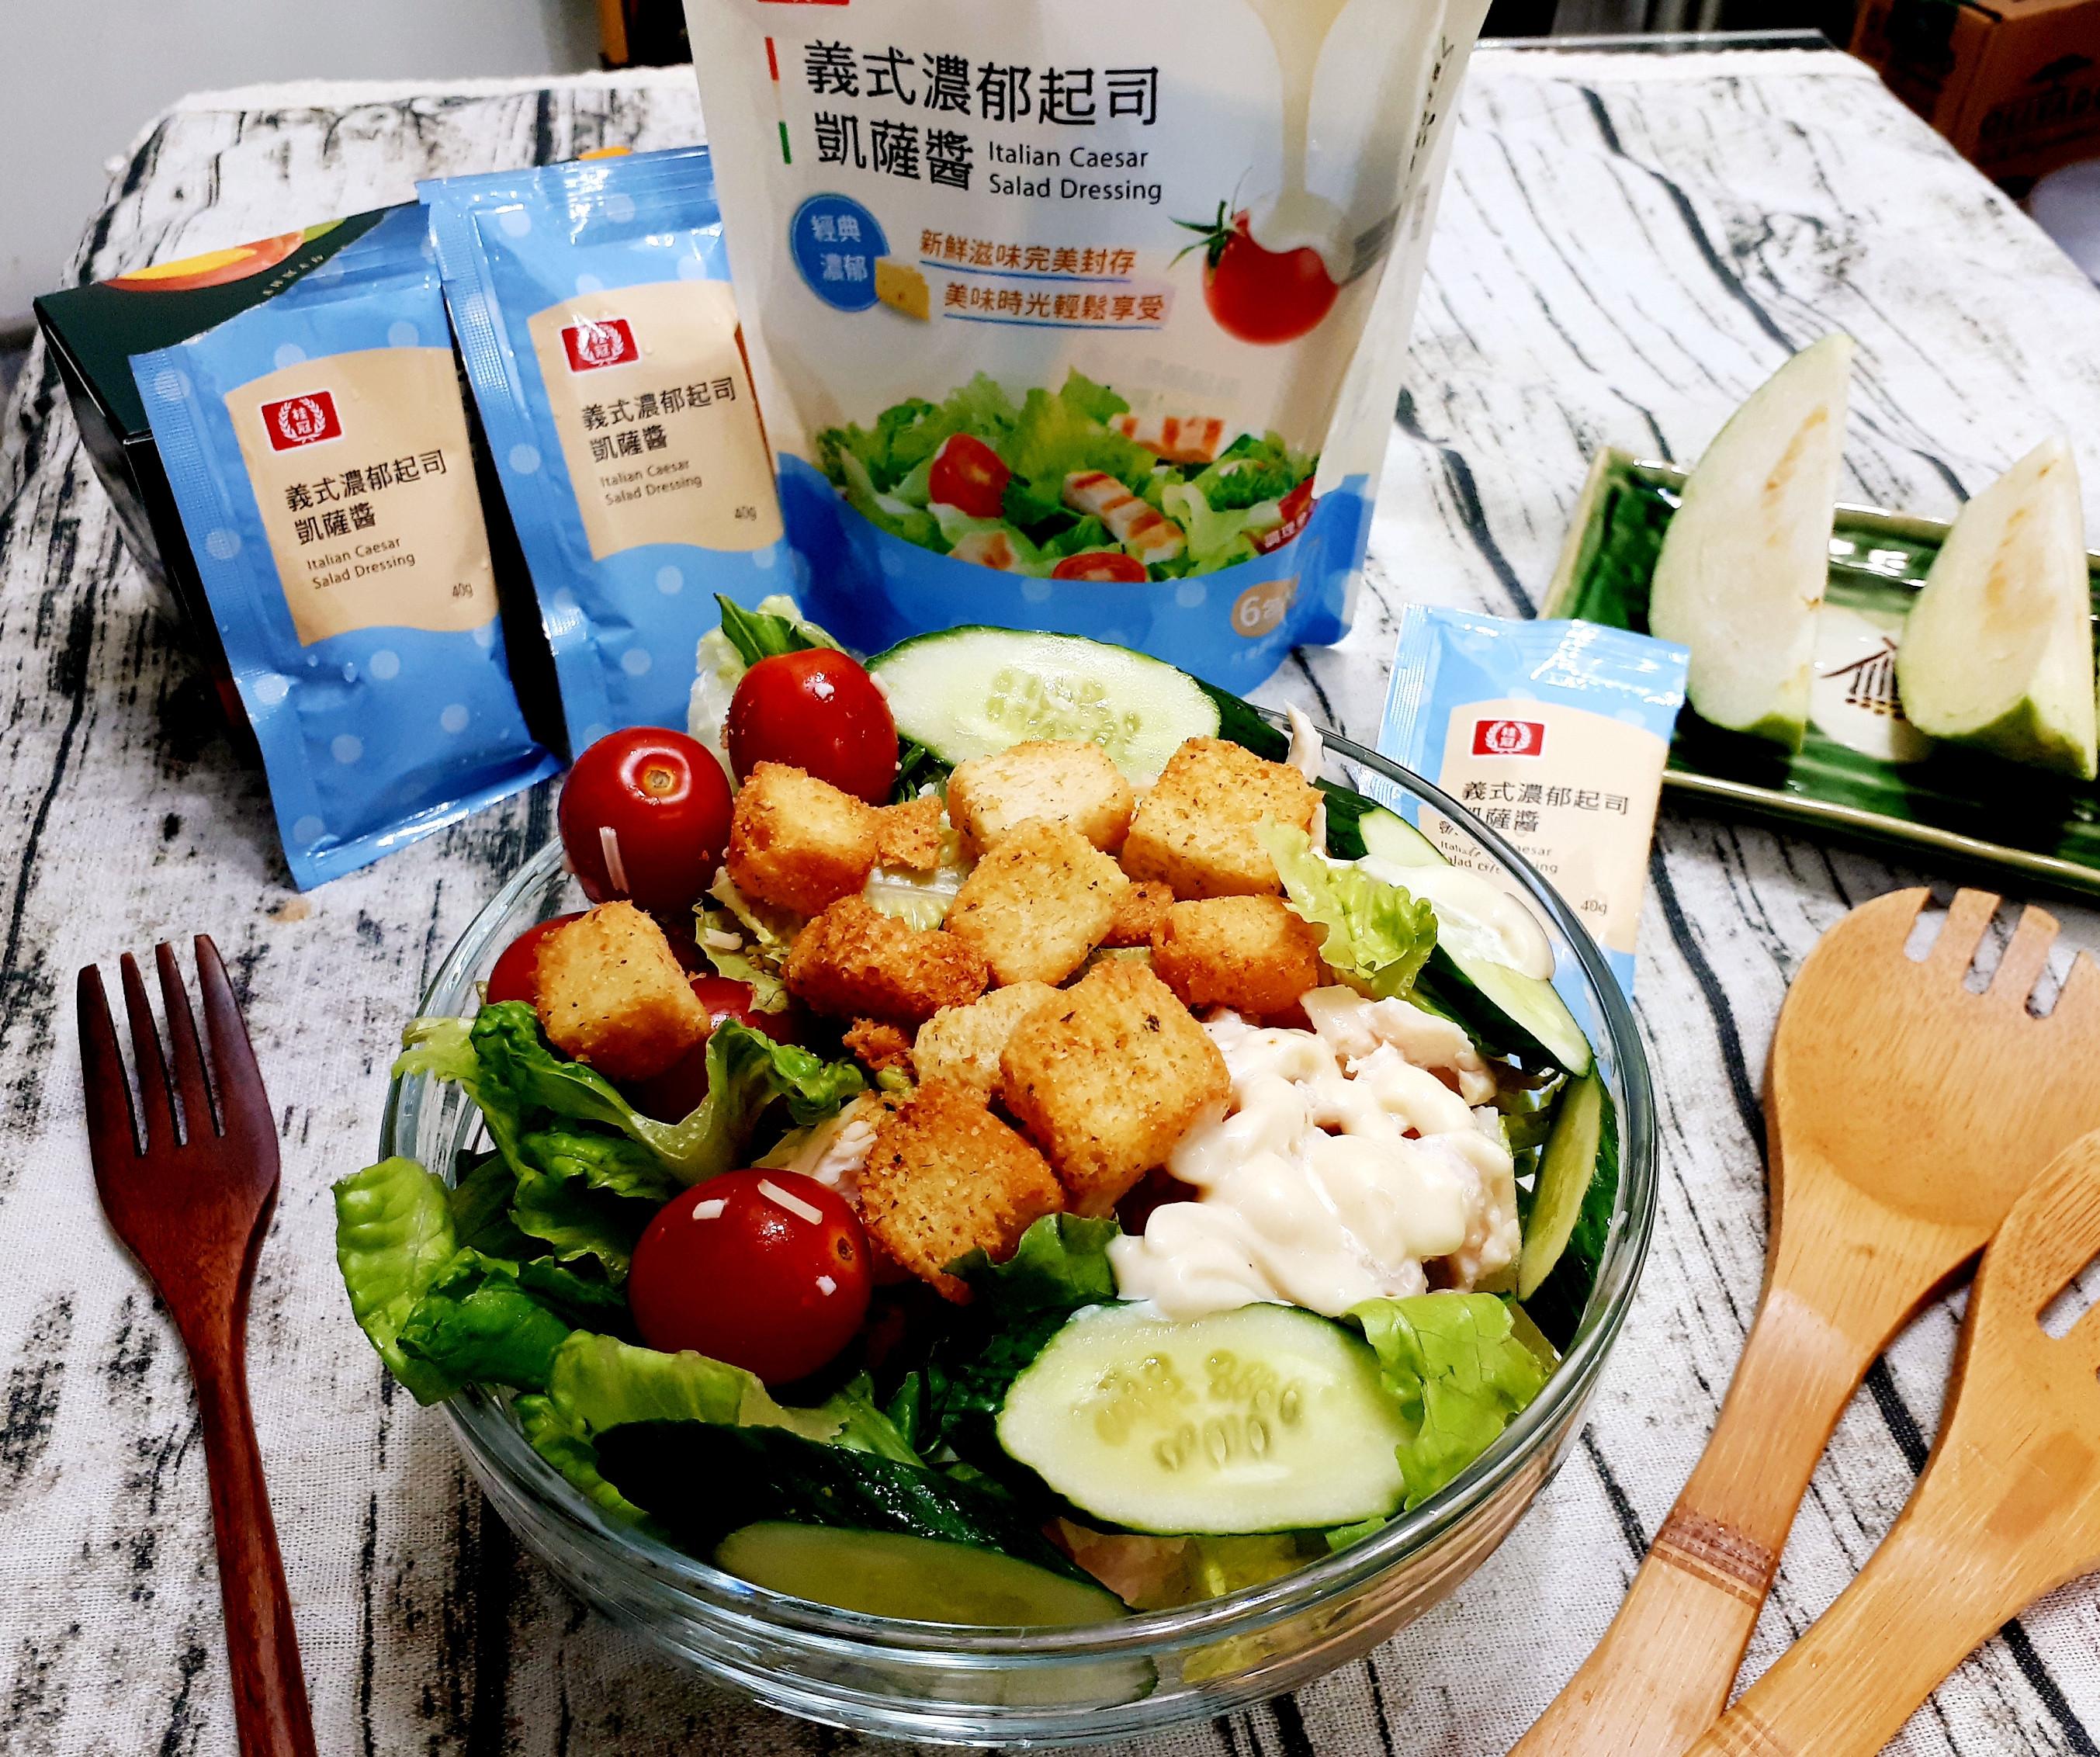 零廚藝免流汗料理~凱薩雞肉沙拉、涼拌苦瓜、涼拌蘆筍的第 1 張圖片